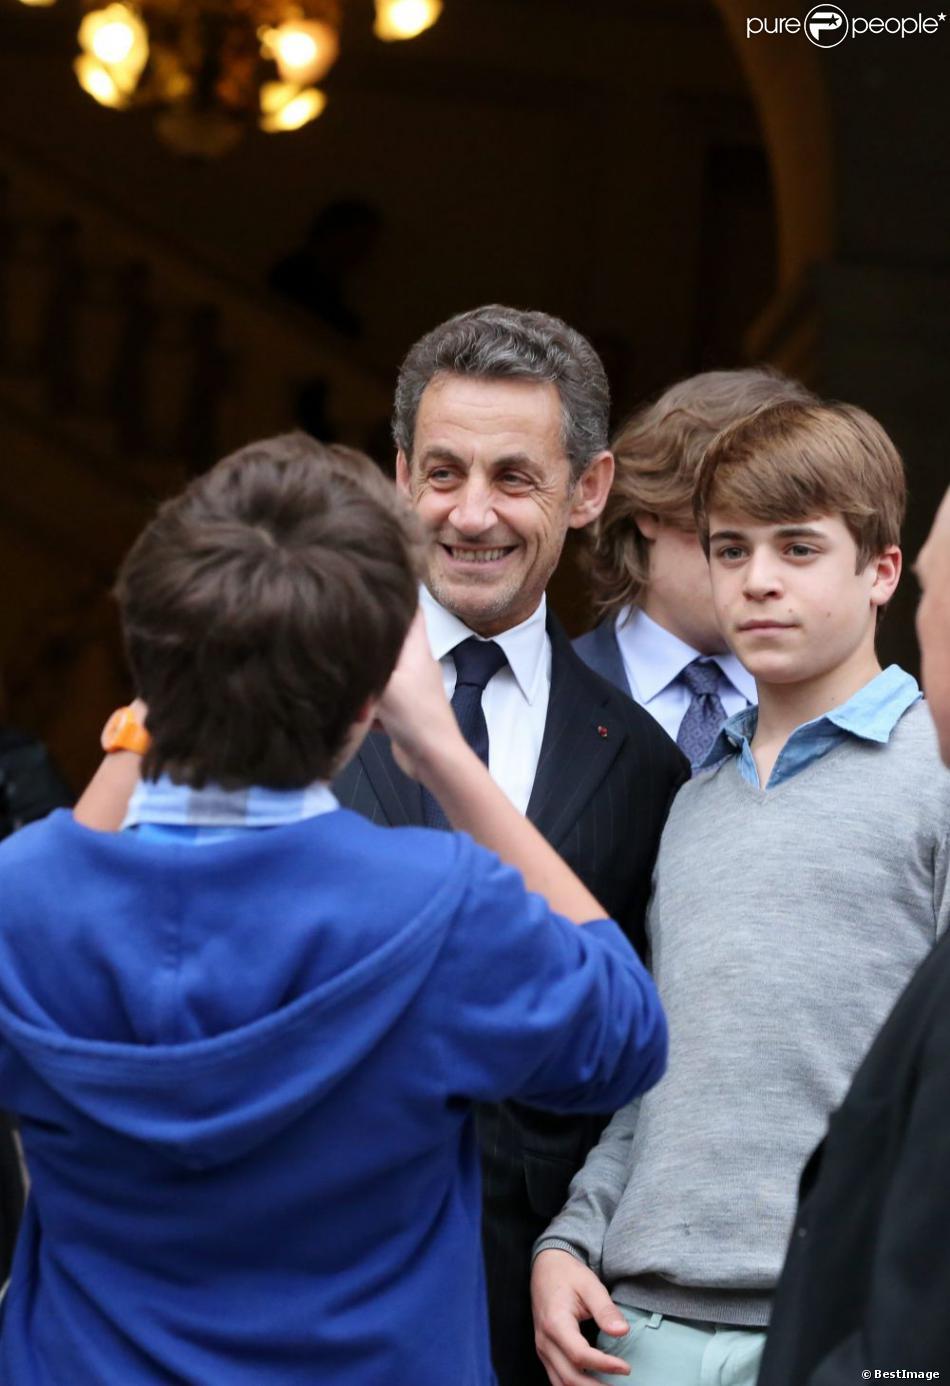 Nicolas Sarkozy à Neuilly-sur-Seine le 16 avril 2013 pour le 30e anniversaire de la disparition d'Achille Peretti maire de la ville de 1947 à 1983.